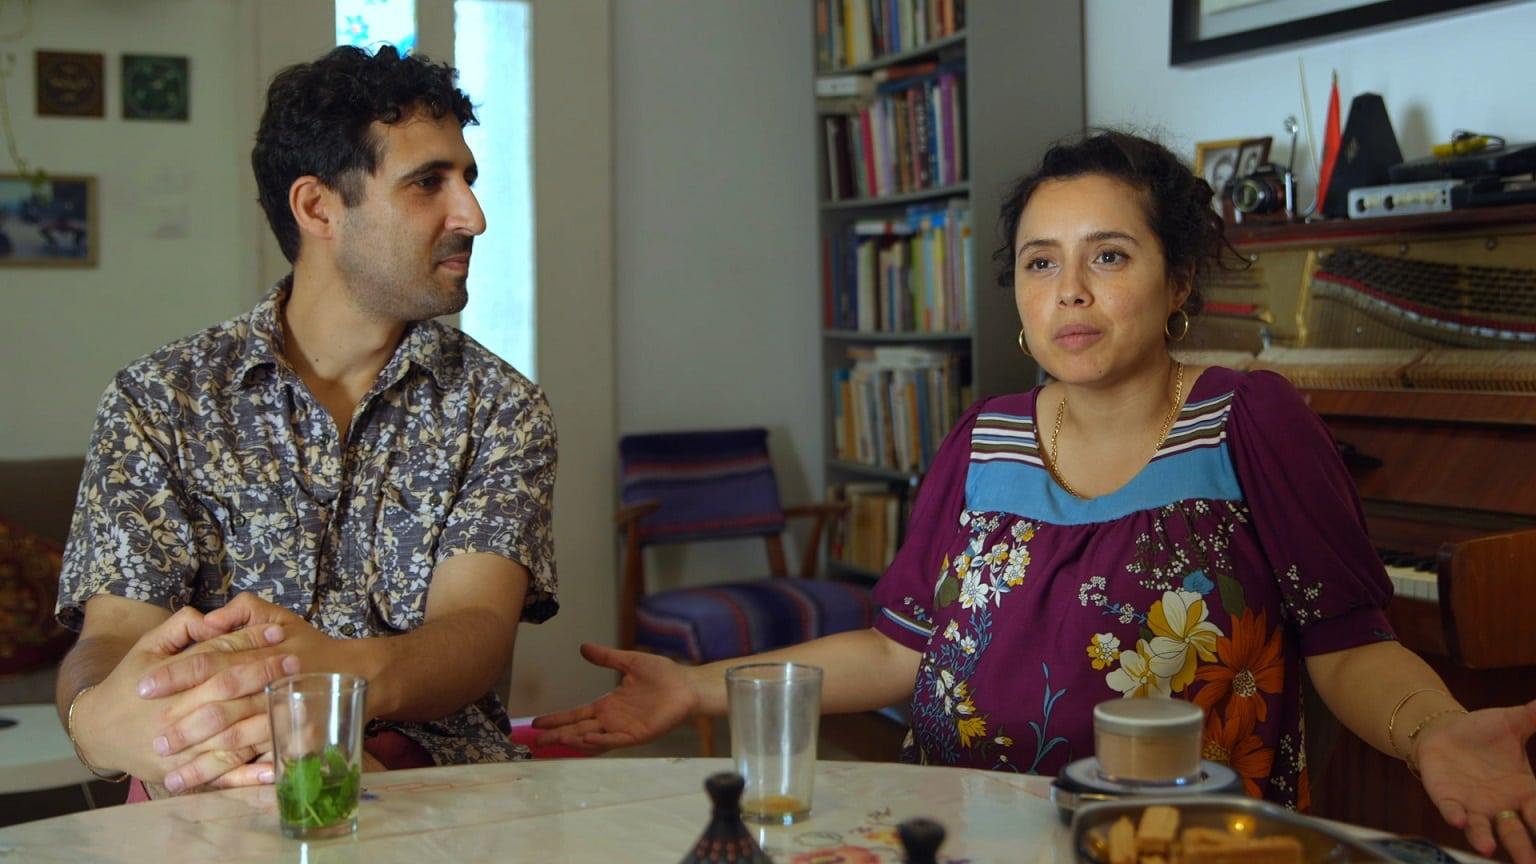 שם משפחה ספרדי הוא עדיין אות קלון. 'הצרפוקאים' צילום: באדיבות כאן 11